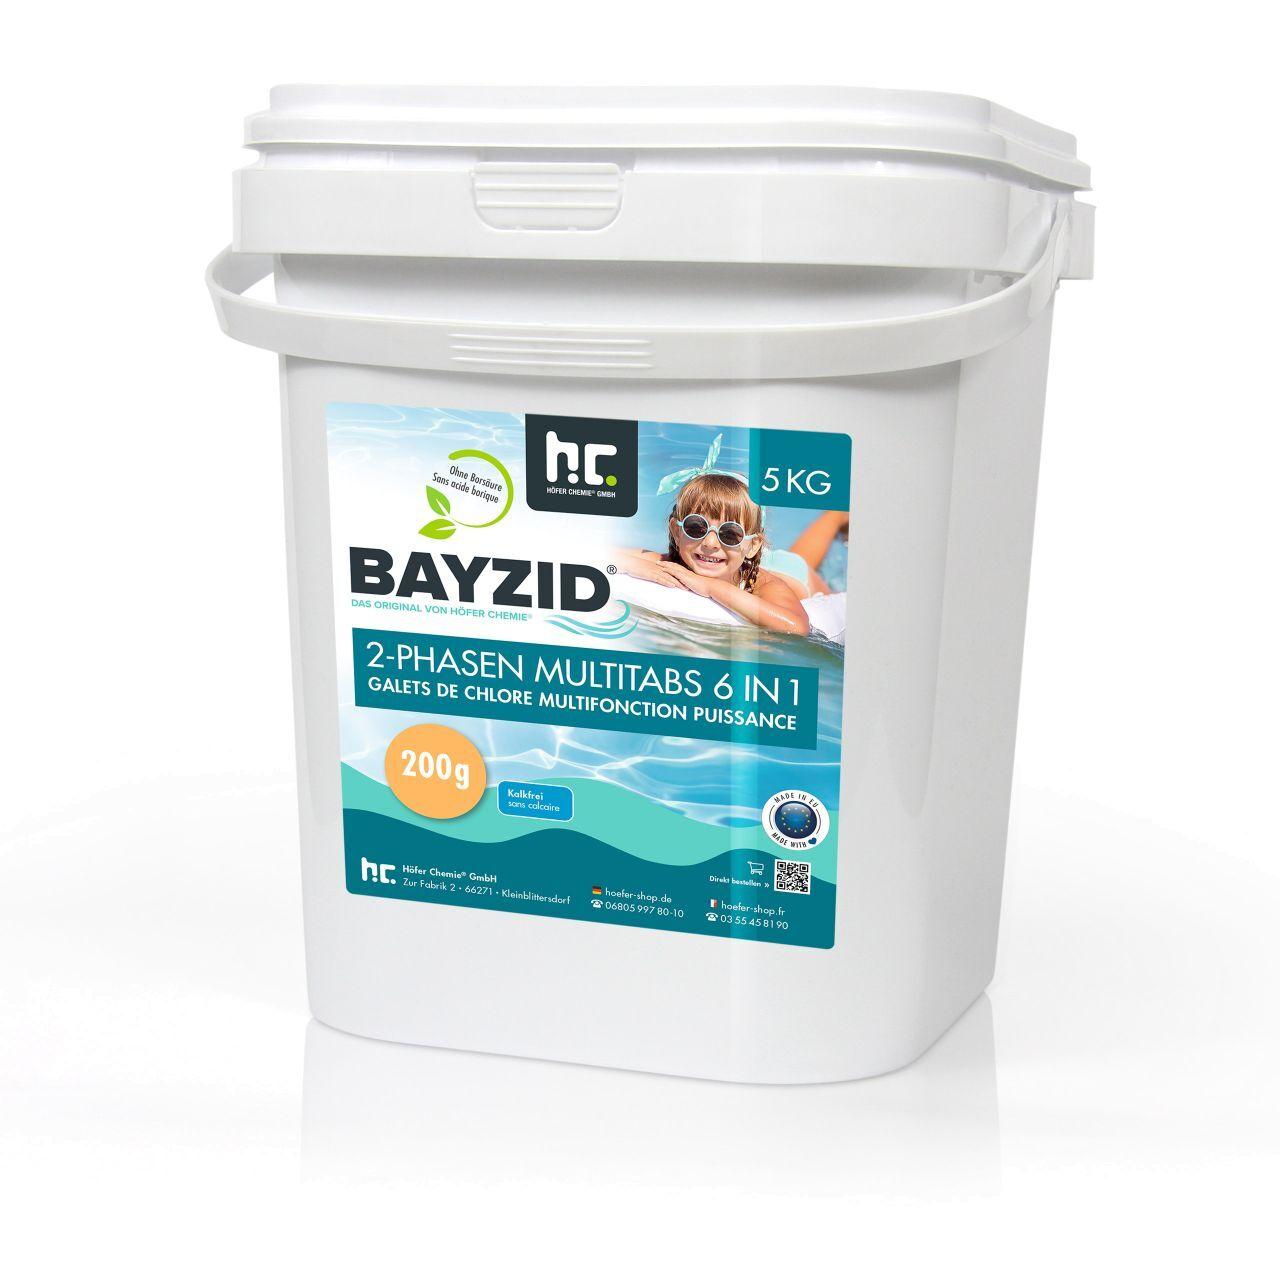 BAYZID 20 kg Galets de chlore biphase 6en1 (200g) (4 x 5 kg)